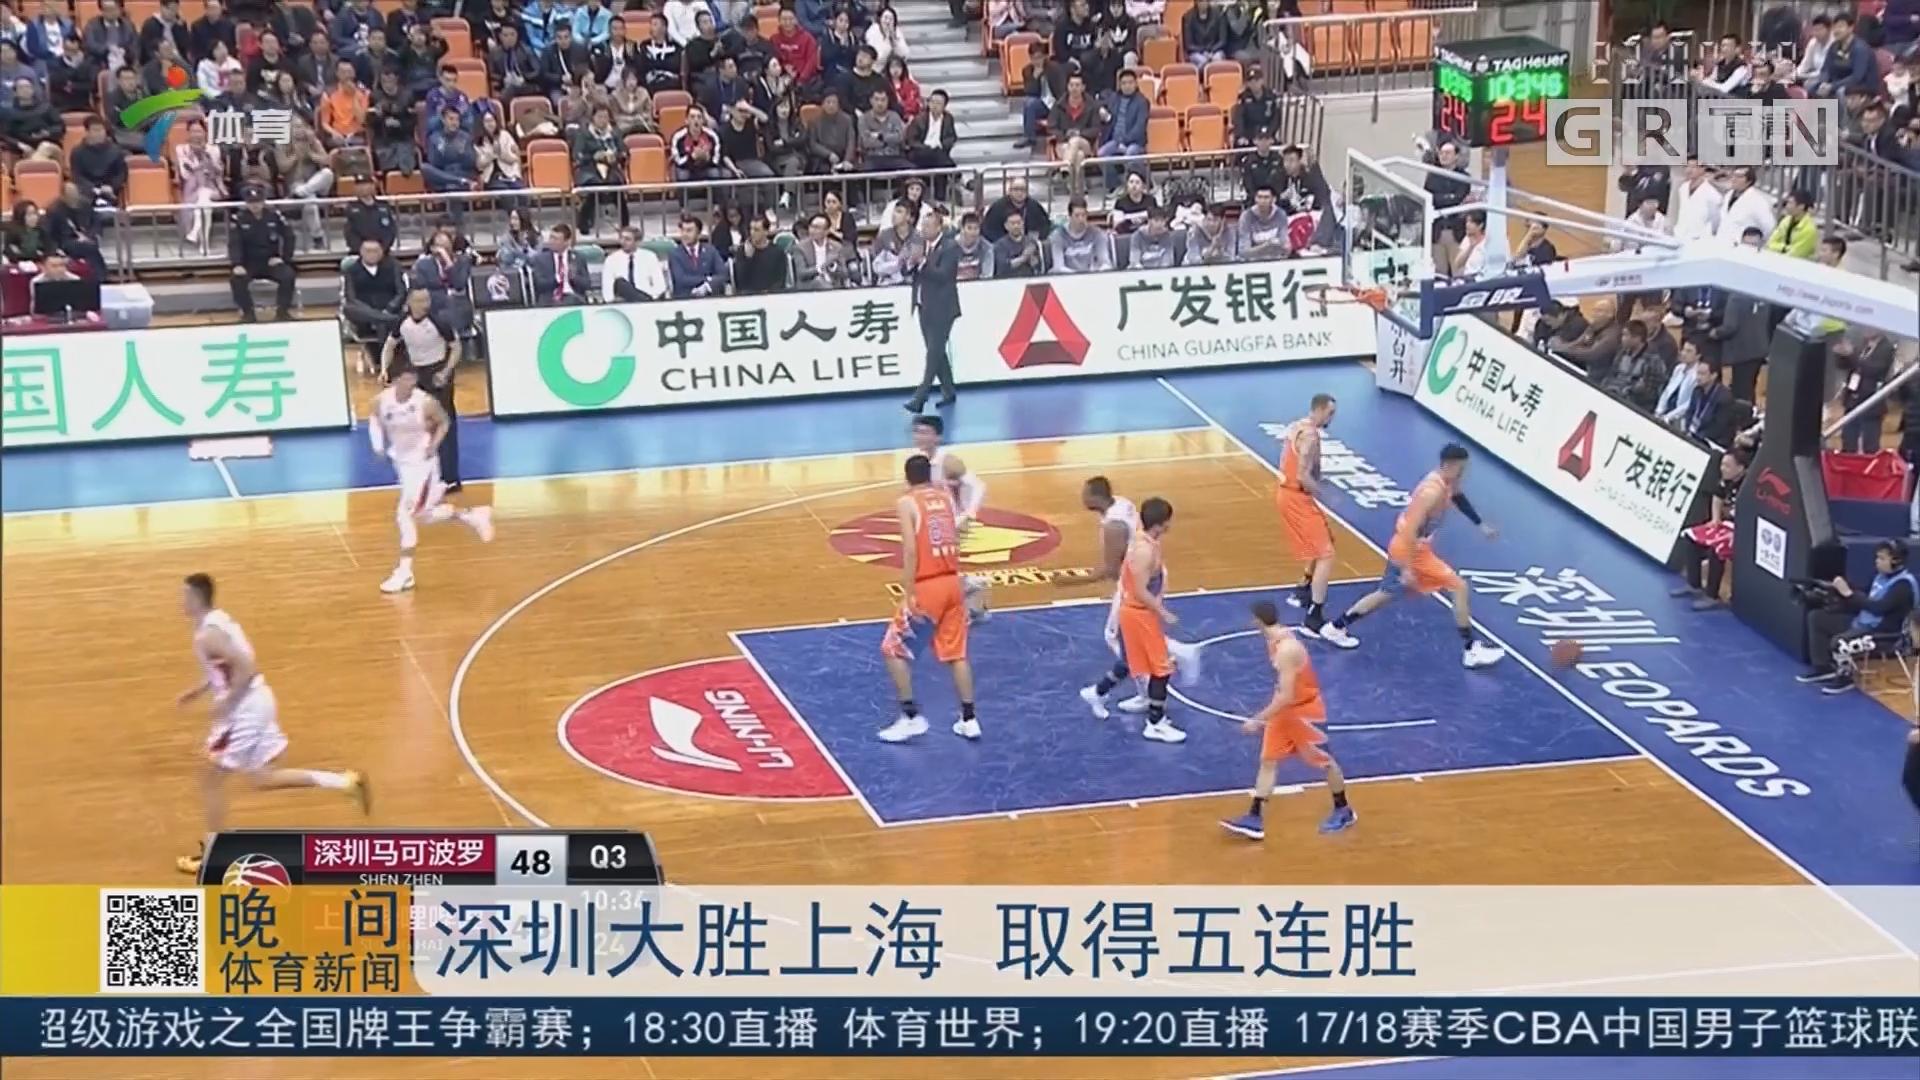 深圳大胜上海 取得五连胜